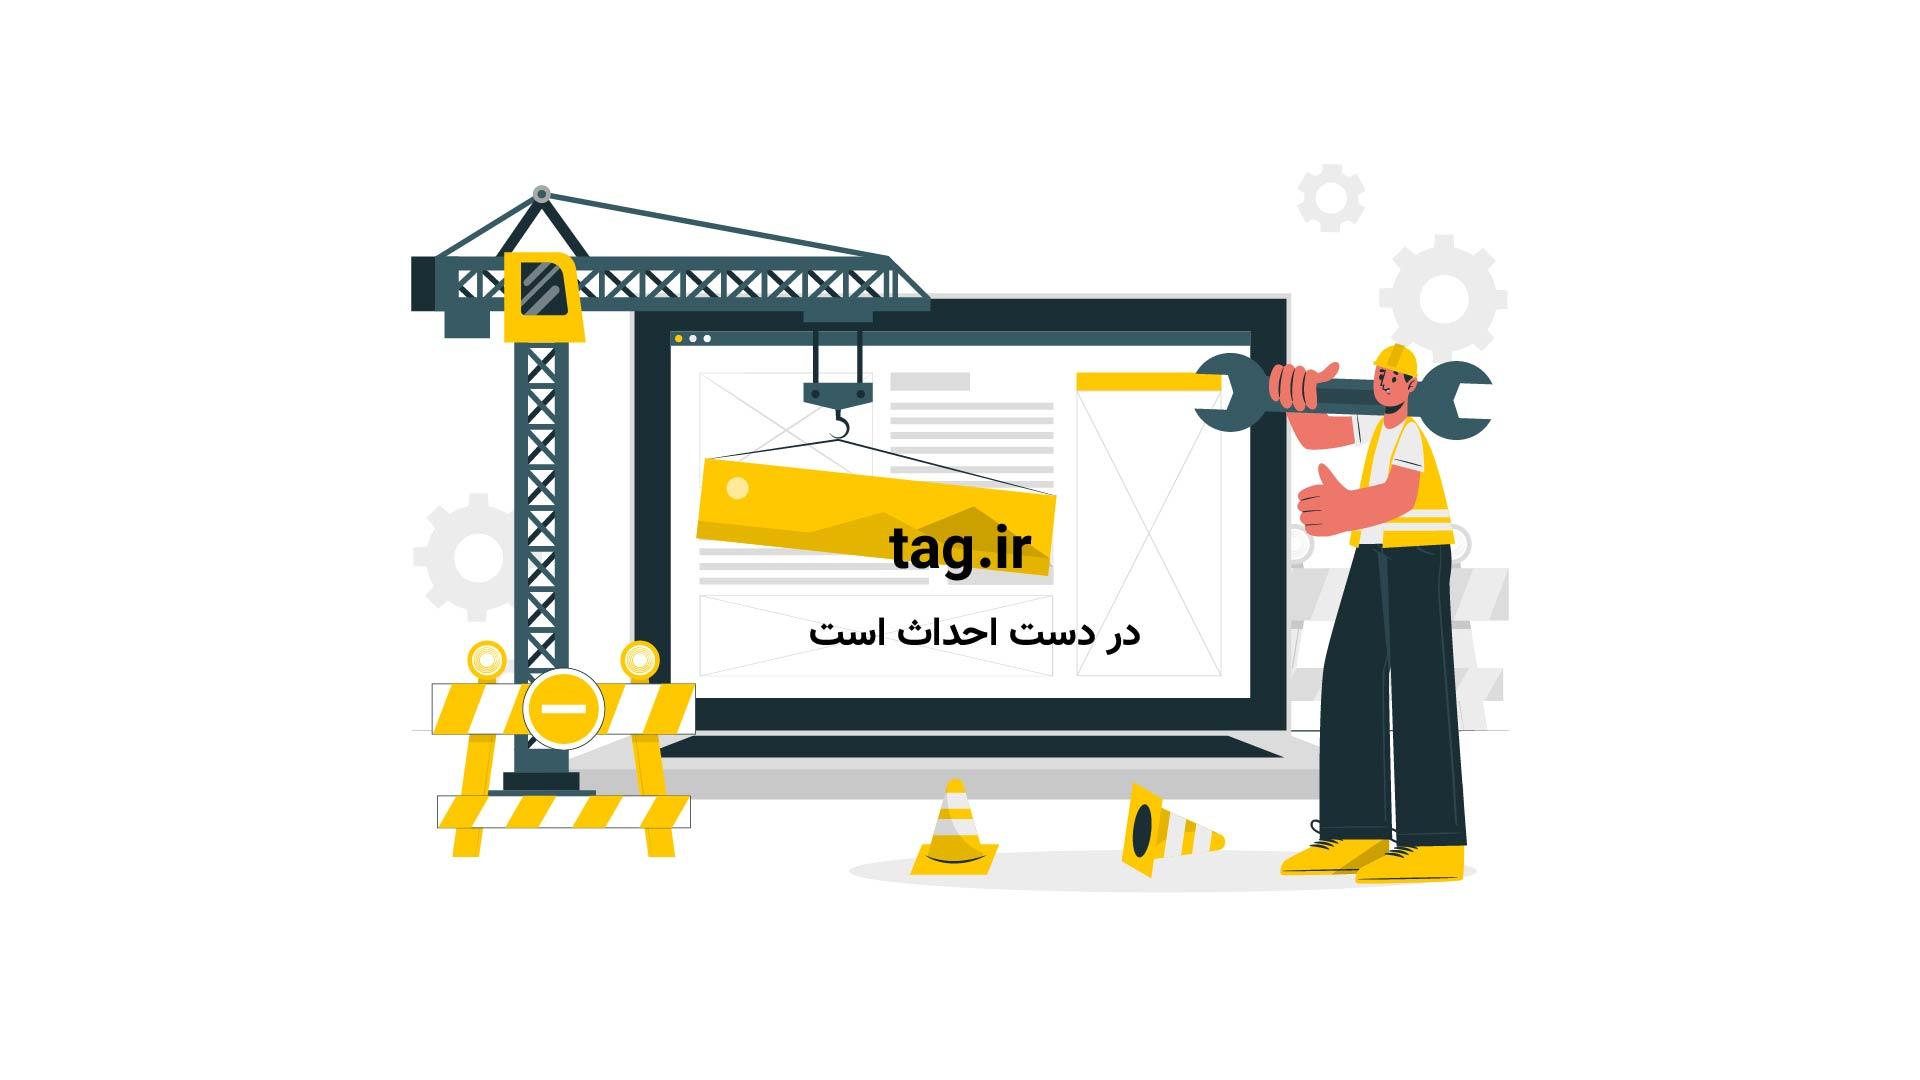 اخبار اقتصادی | تگ